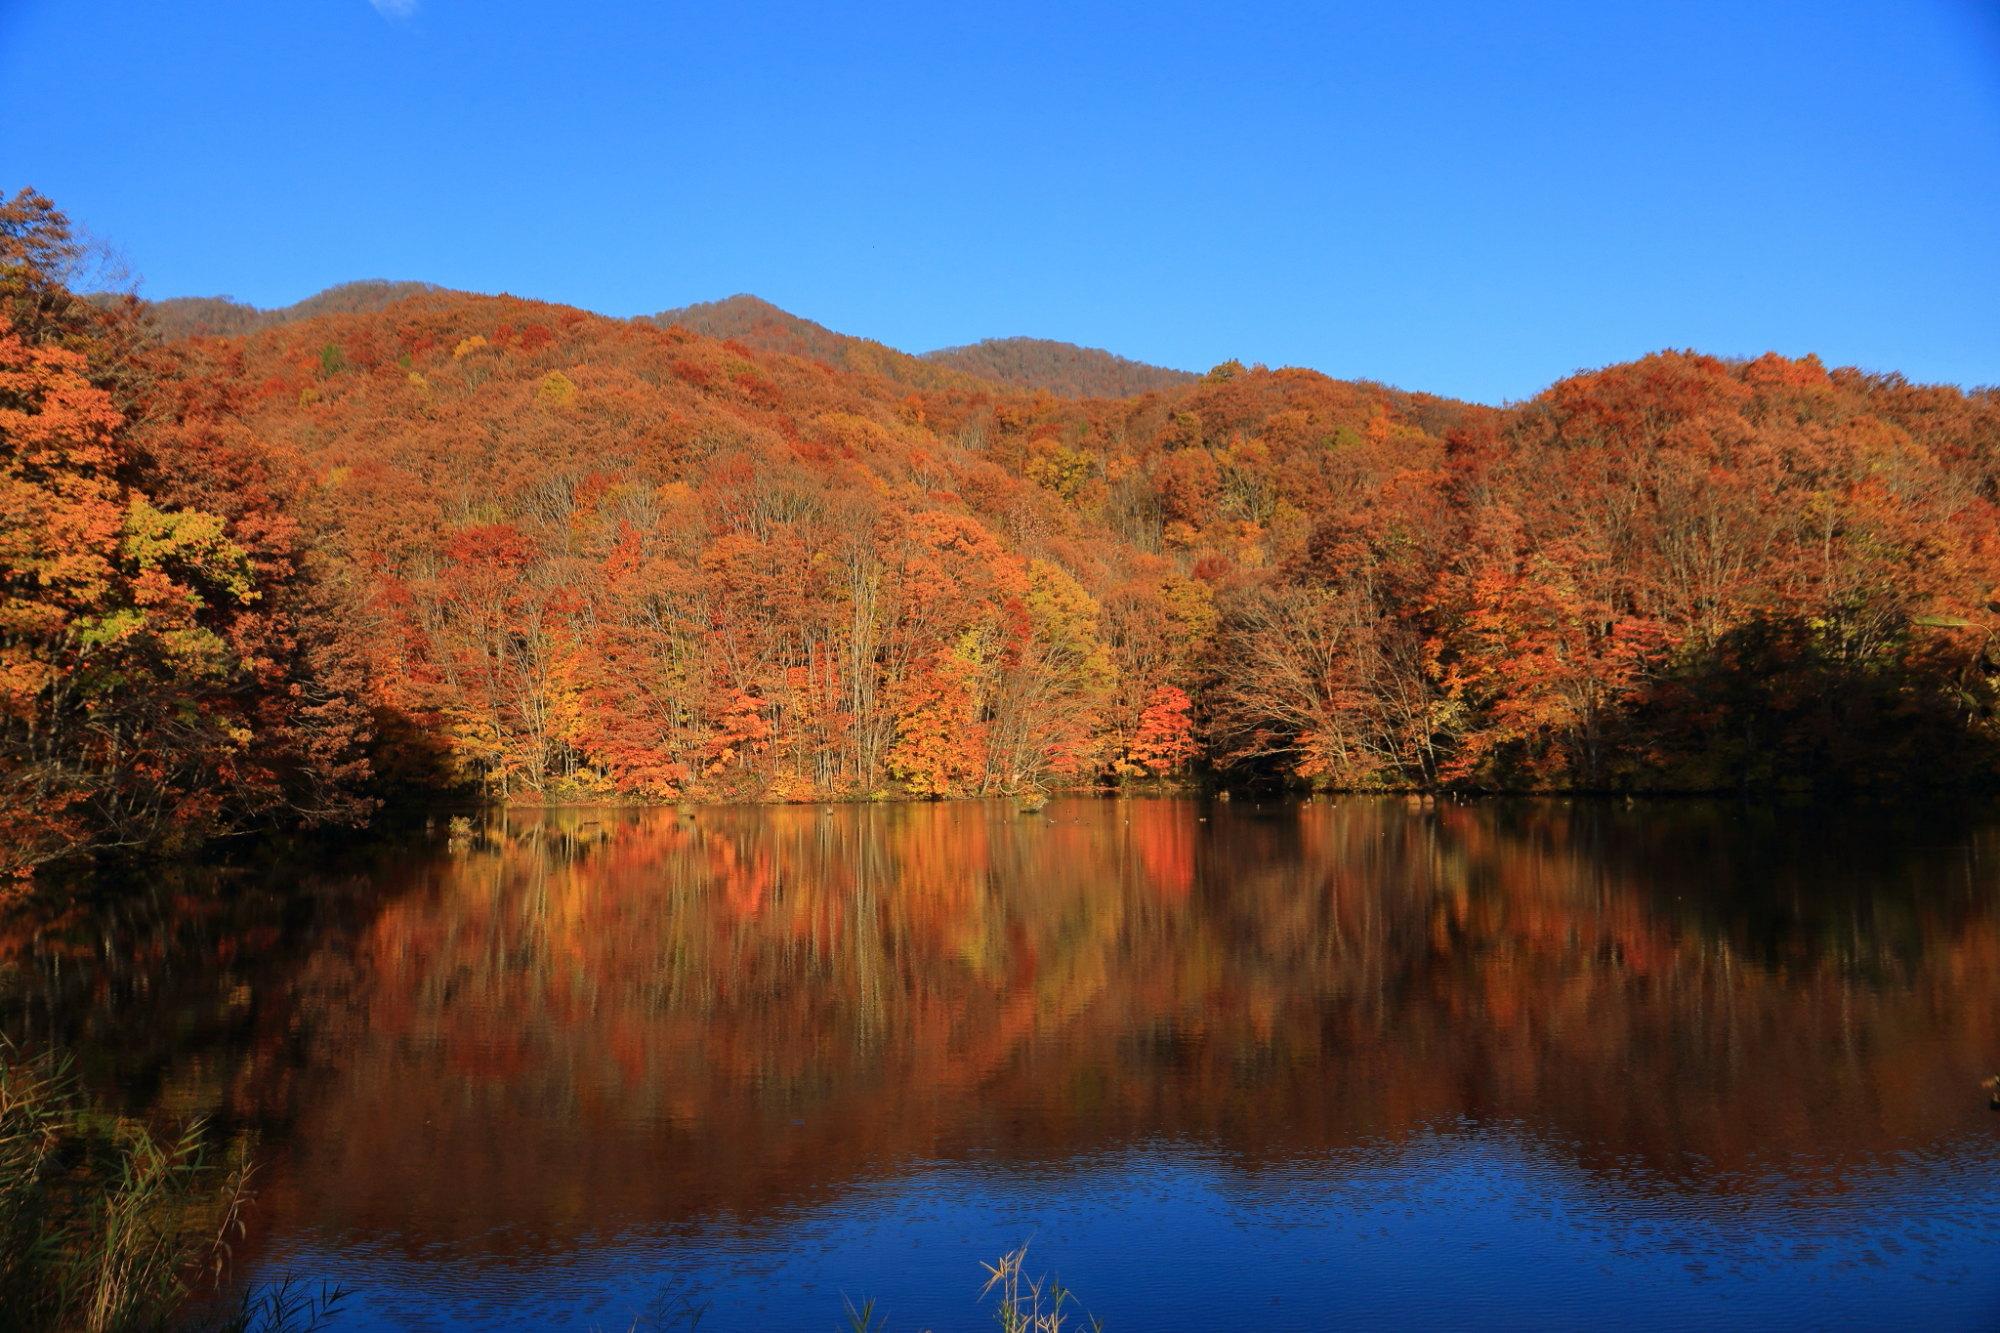 裏磐梯の景色(秋)